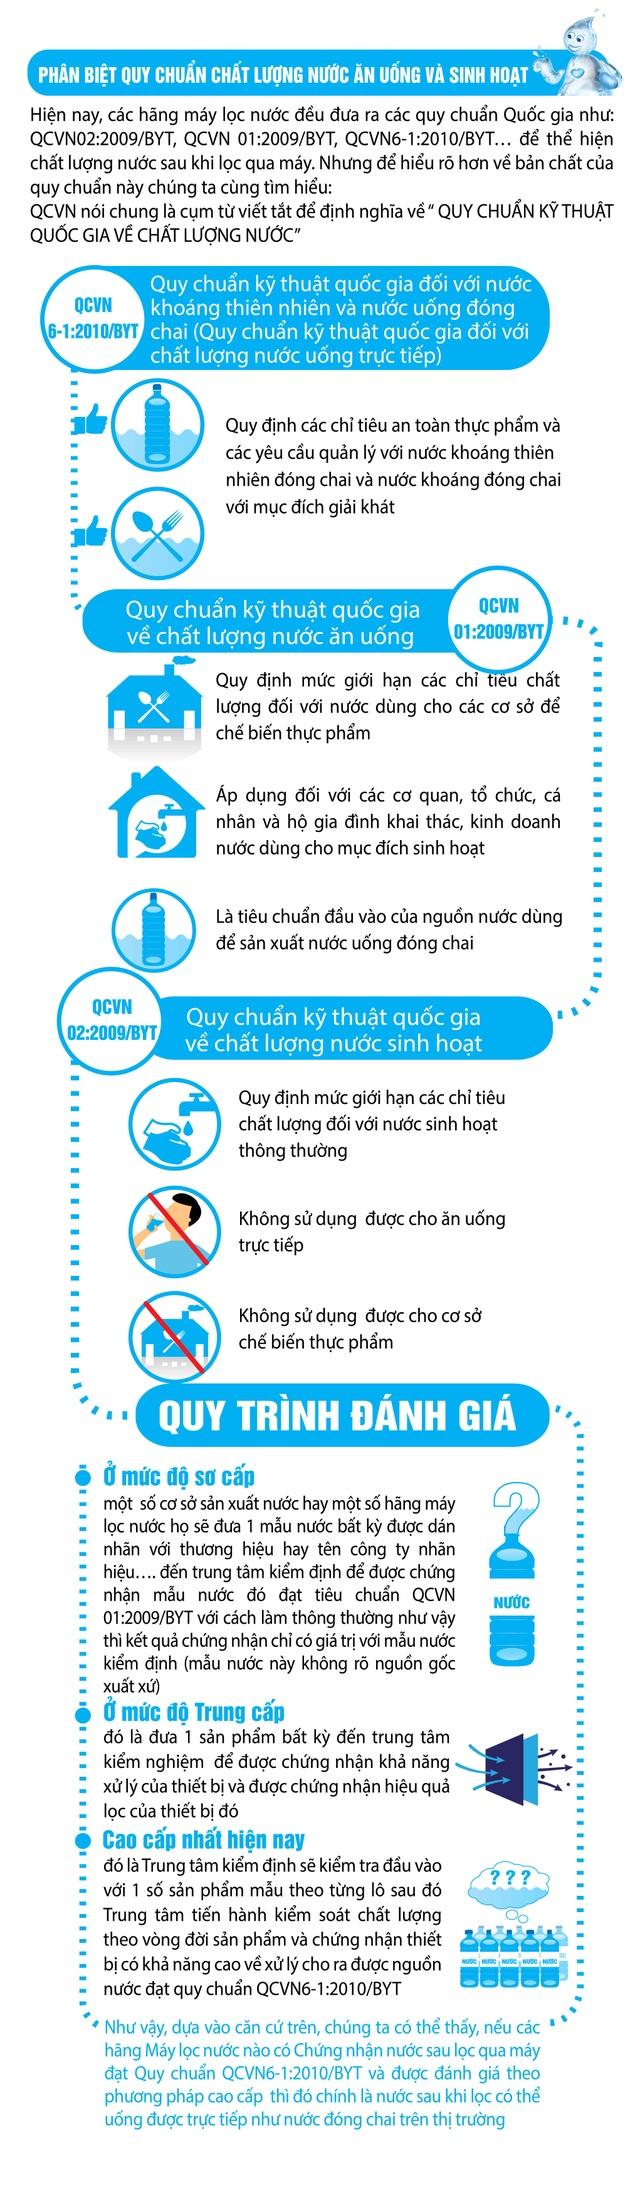 Phân biệt các quy chuẩn quốc gia về chất lượng nước ăn uống - 1